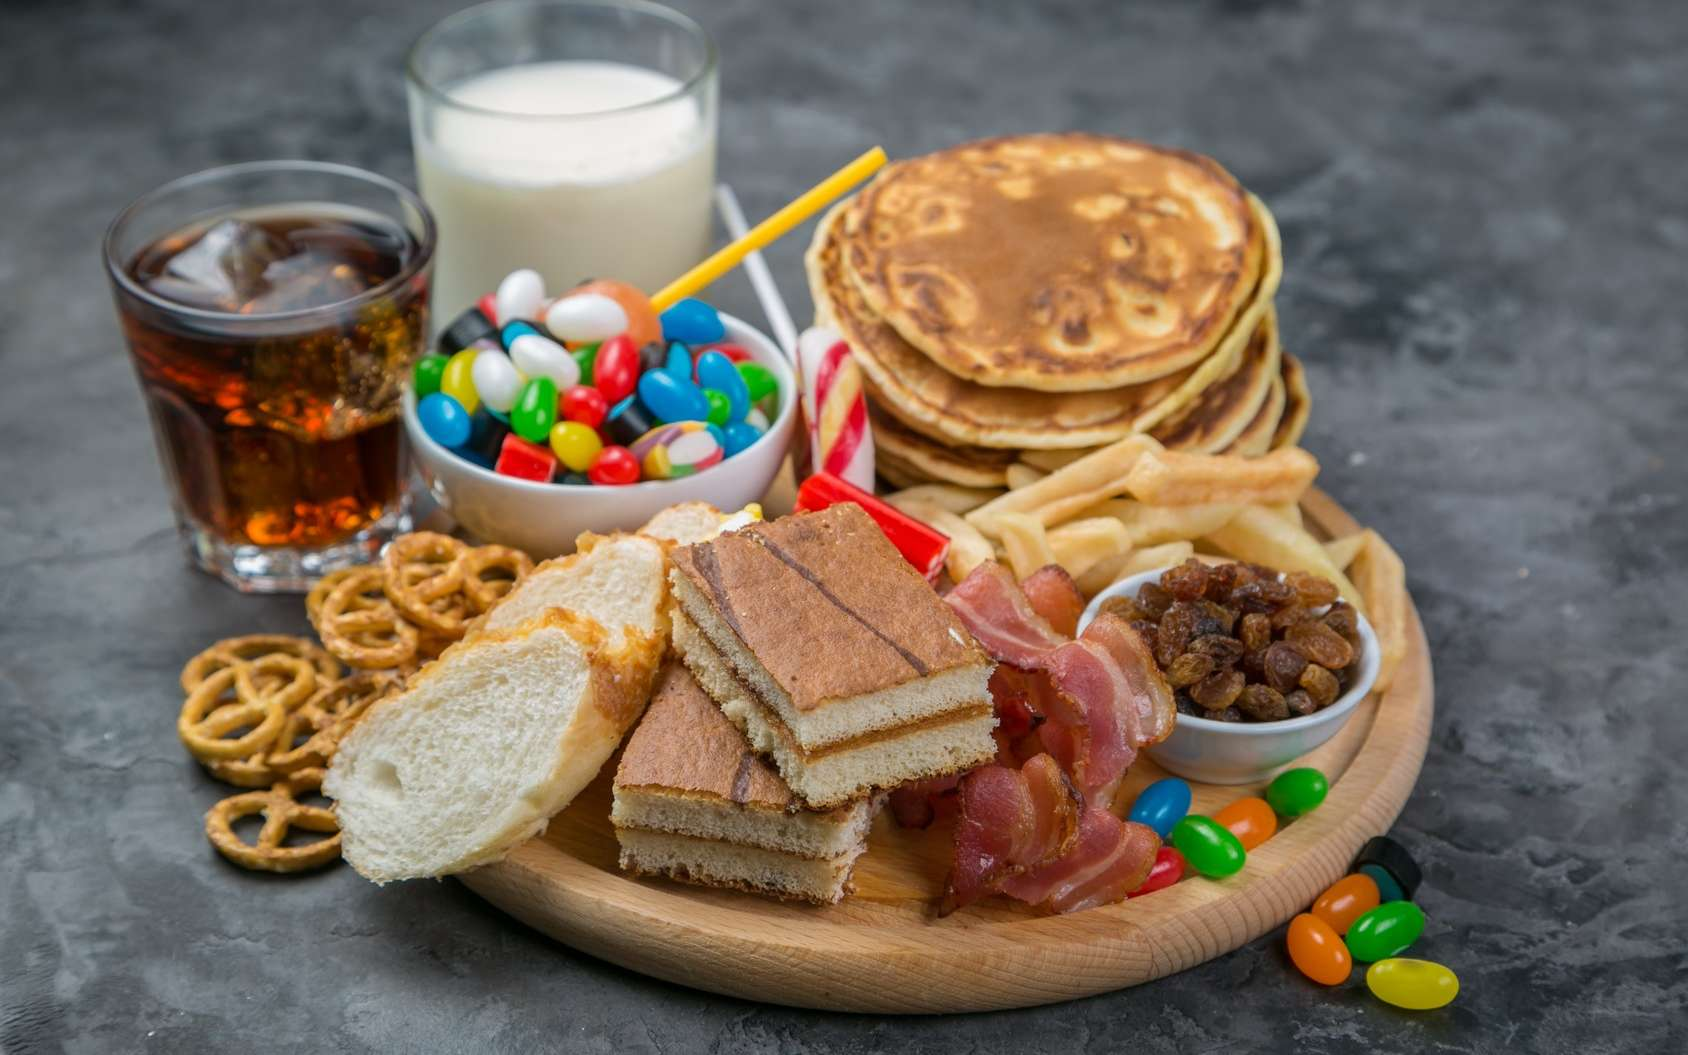 L'alimentation est un facteur clé de la santé. © anaumenko, Fotolia